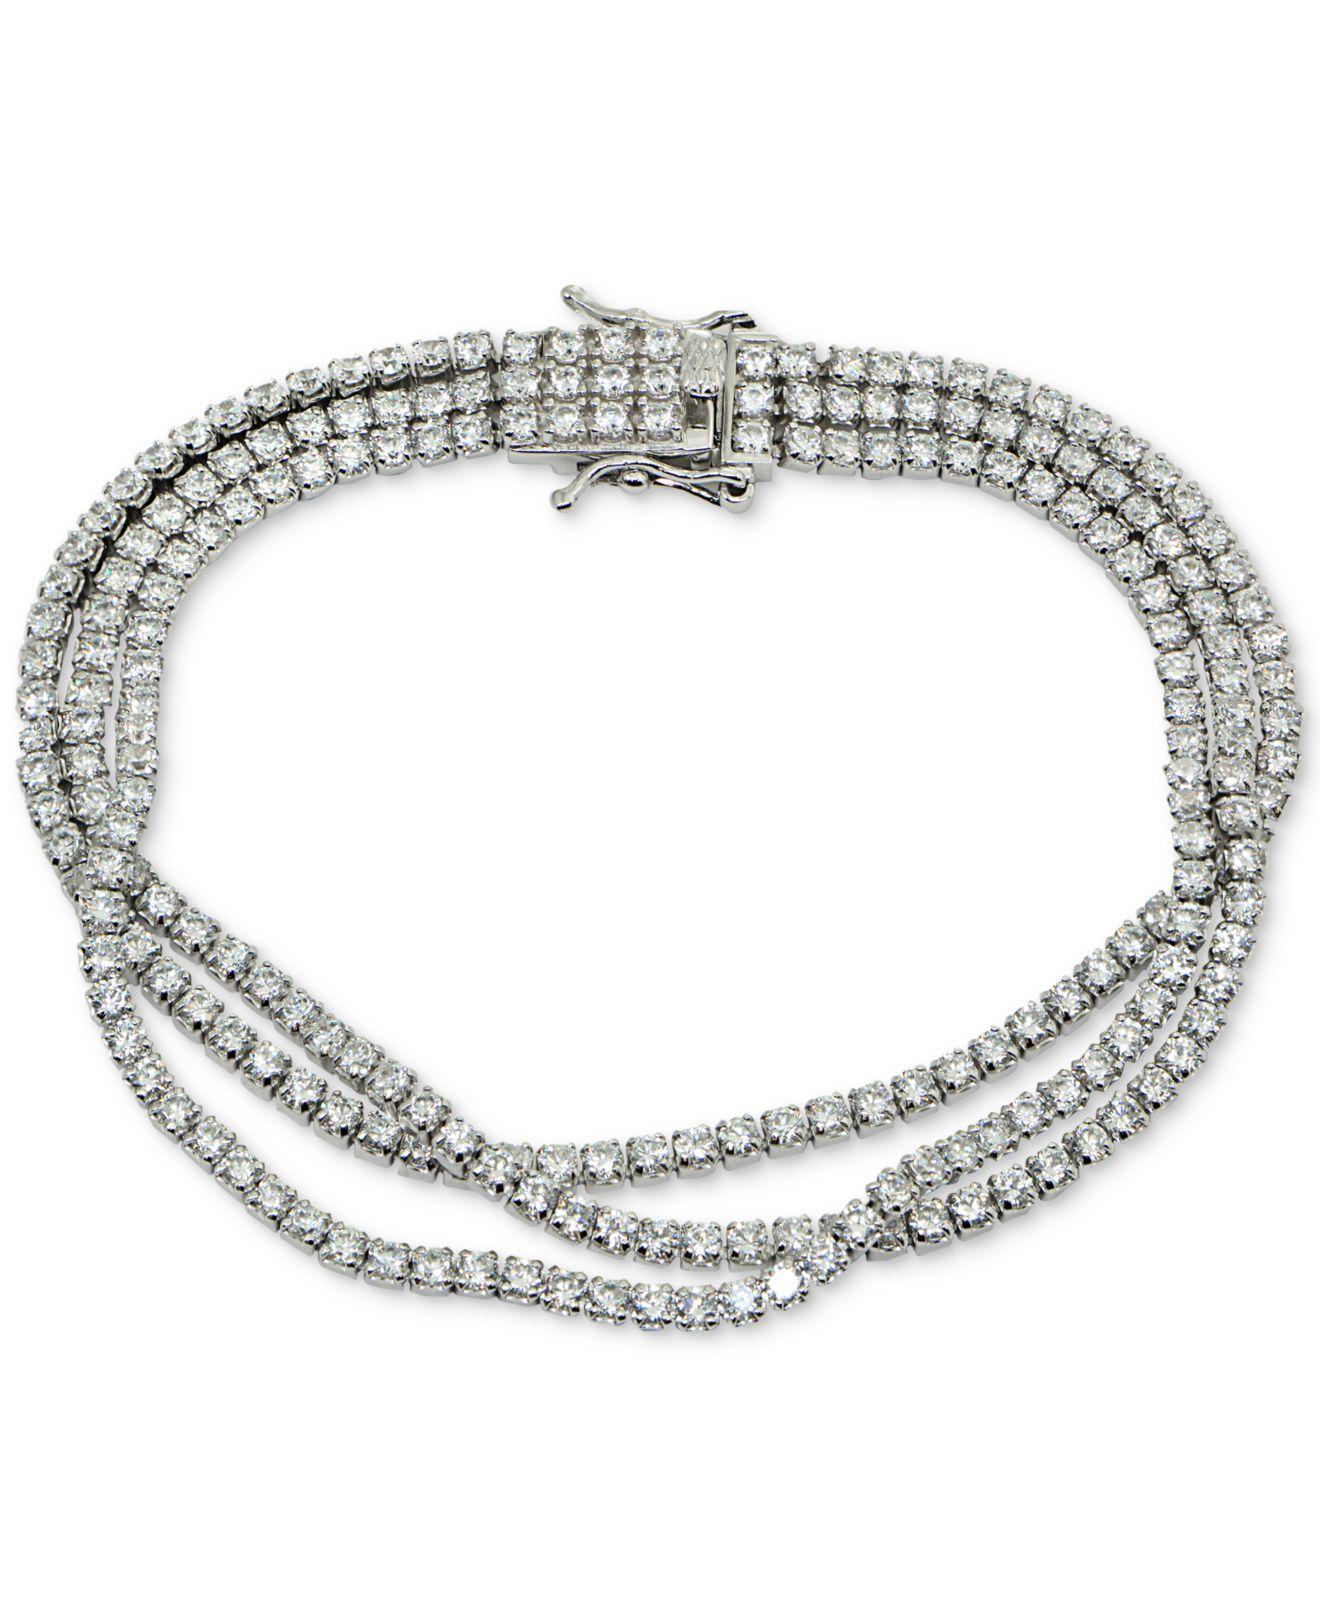 d65d380d4 Lyst - Giani Bernini Cubic Zirconia Triple Row Tennis Bracelet In ...